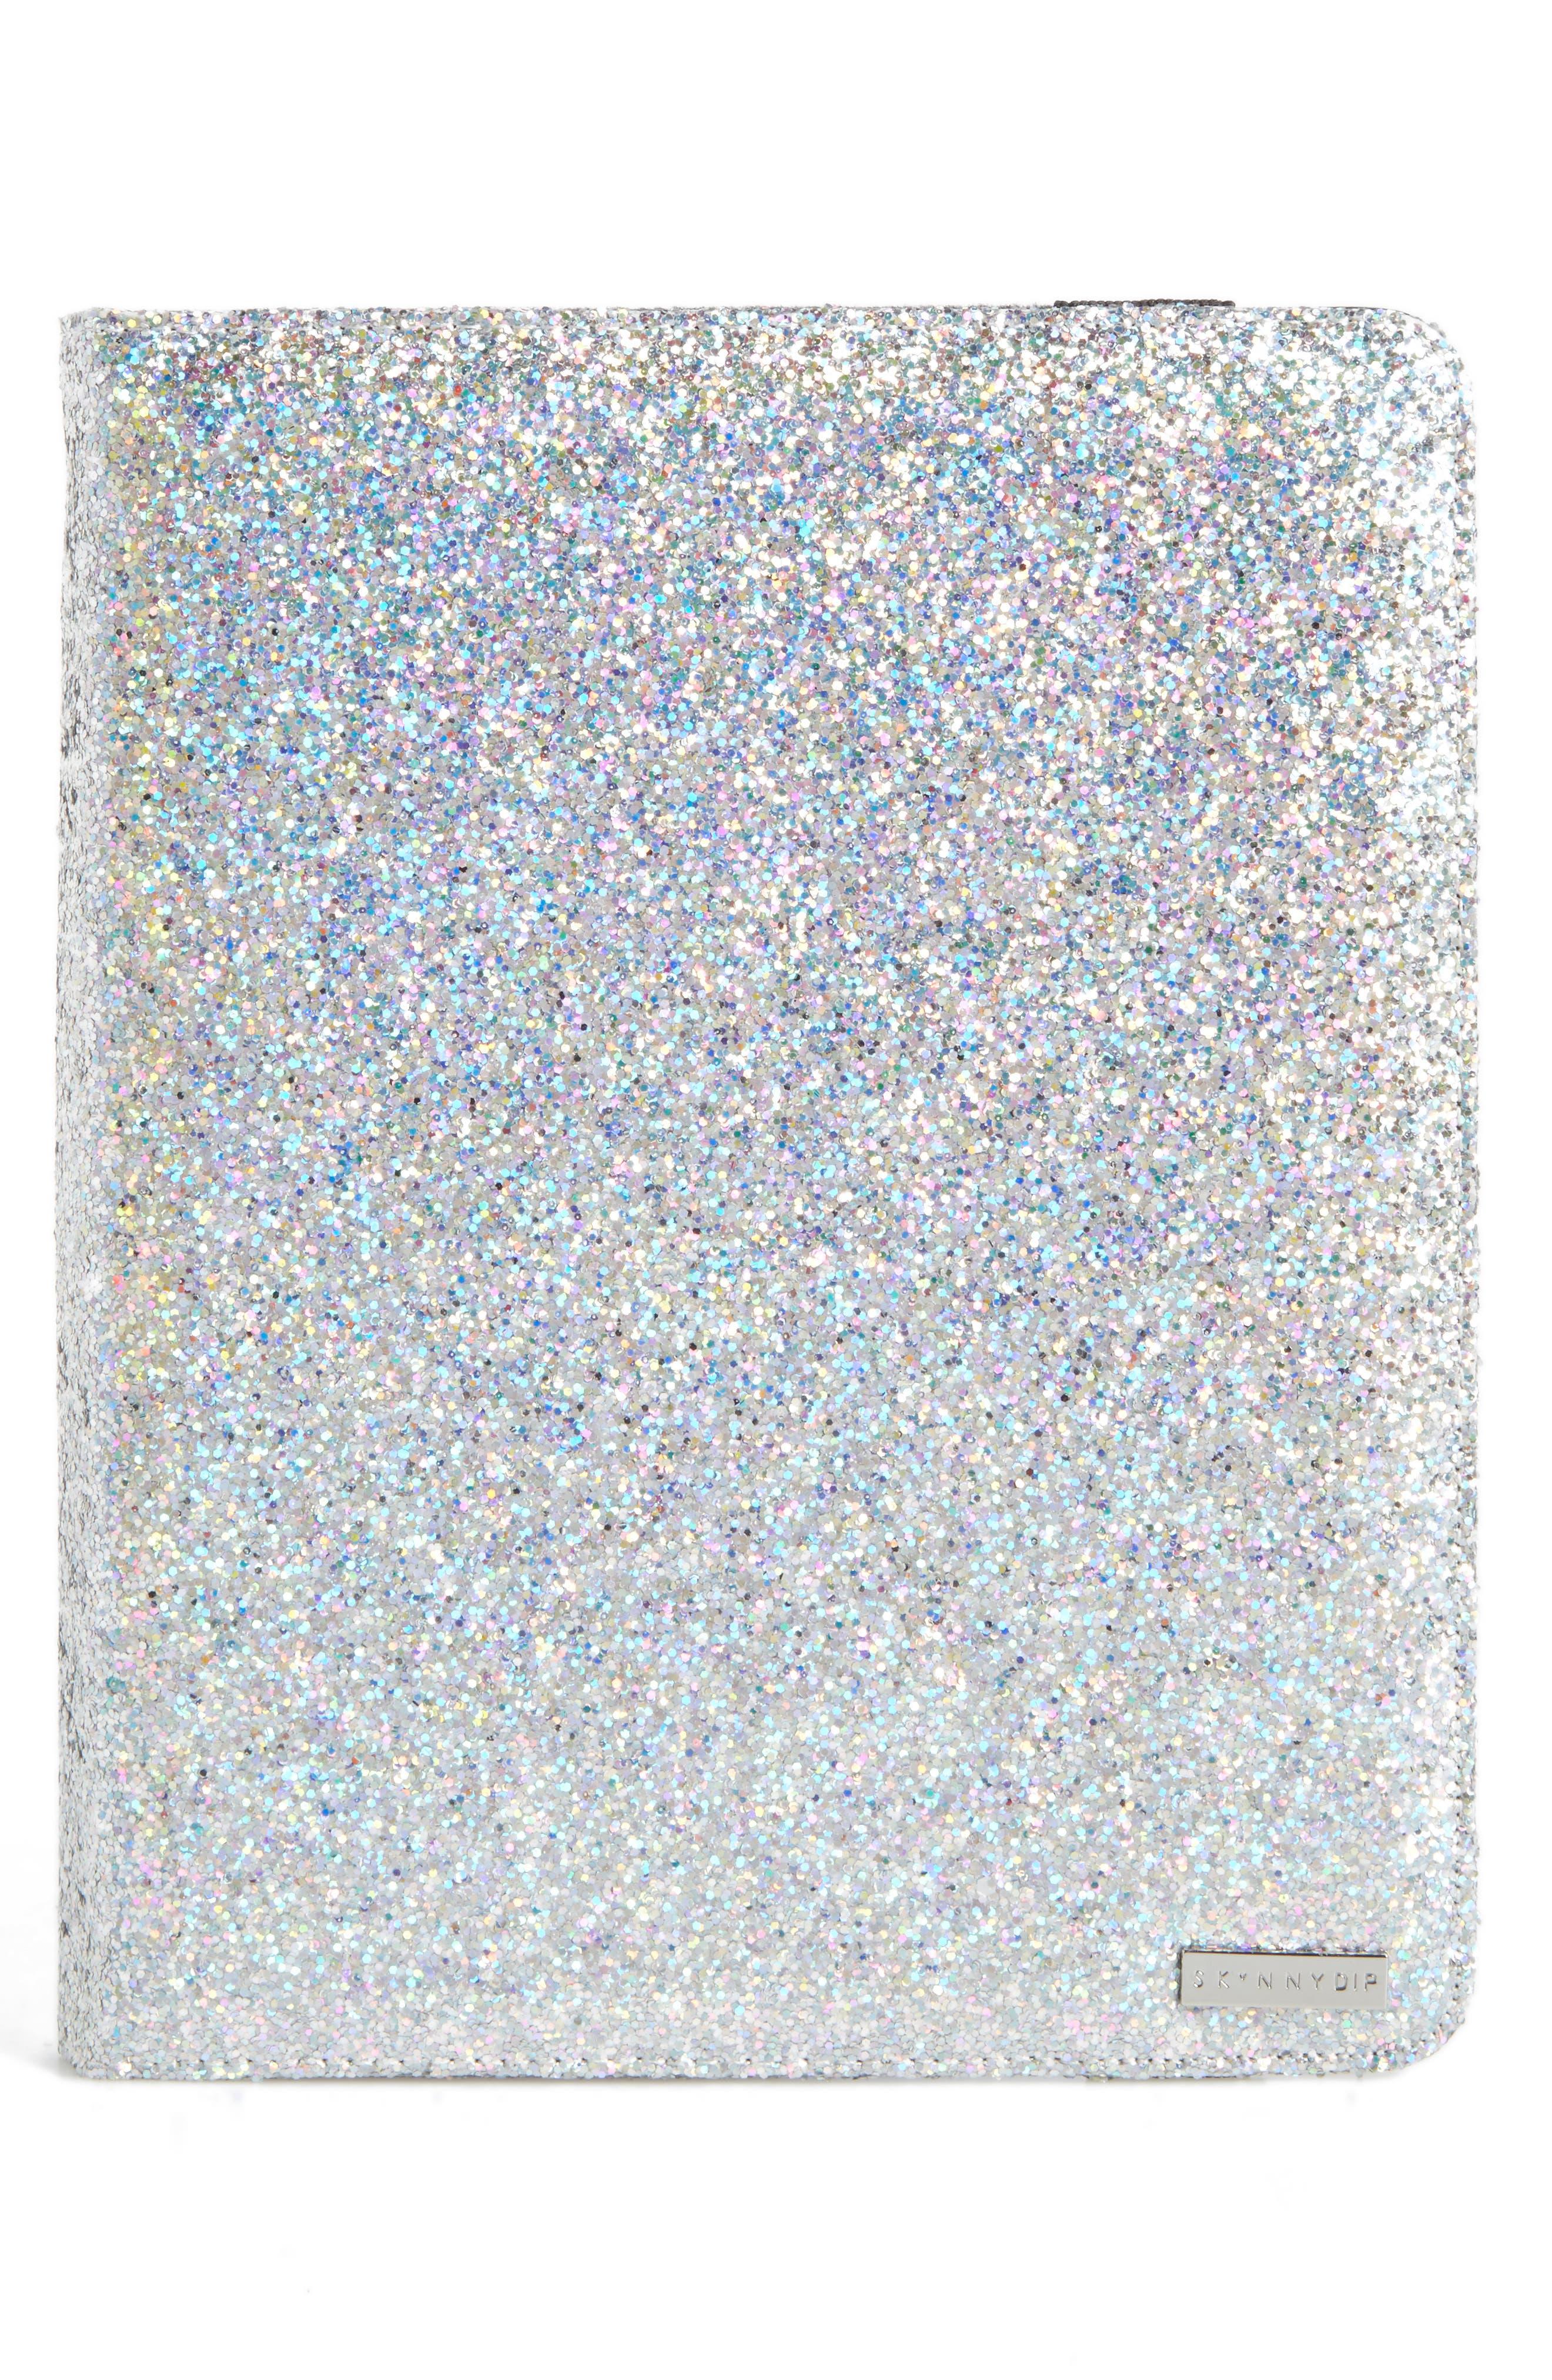 Skinny Dip Sparkle iPad Air Folio